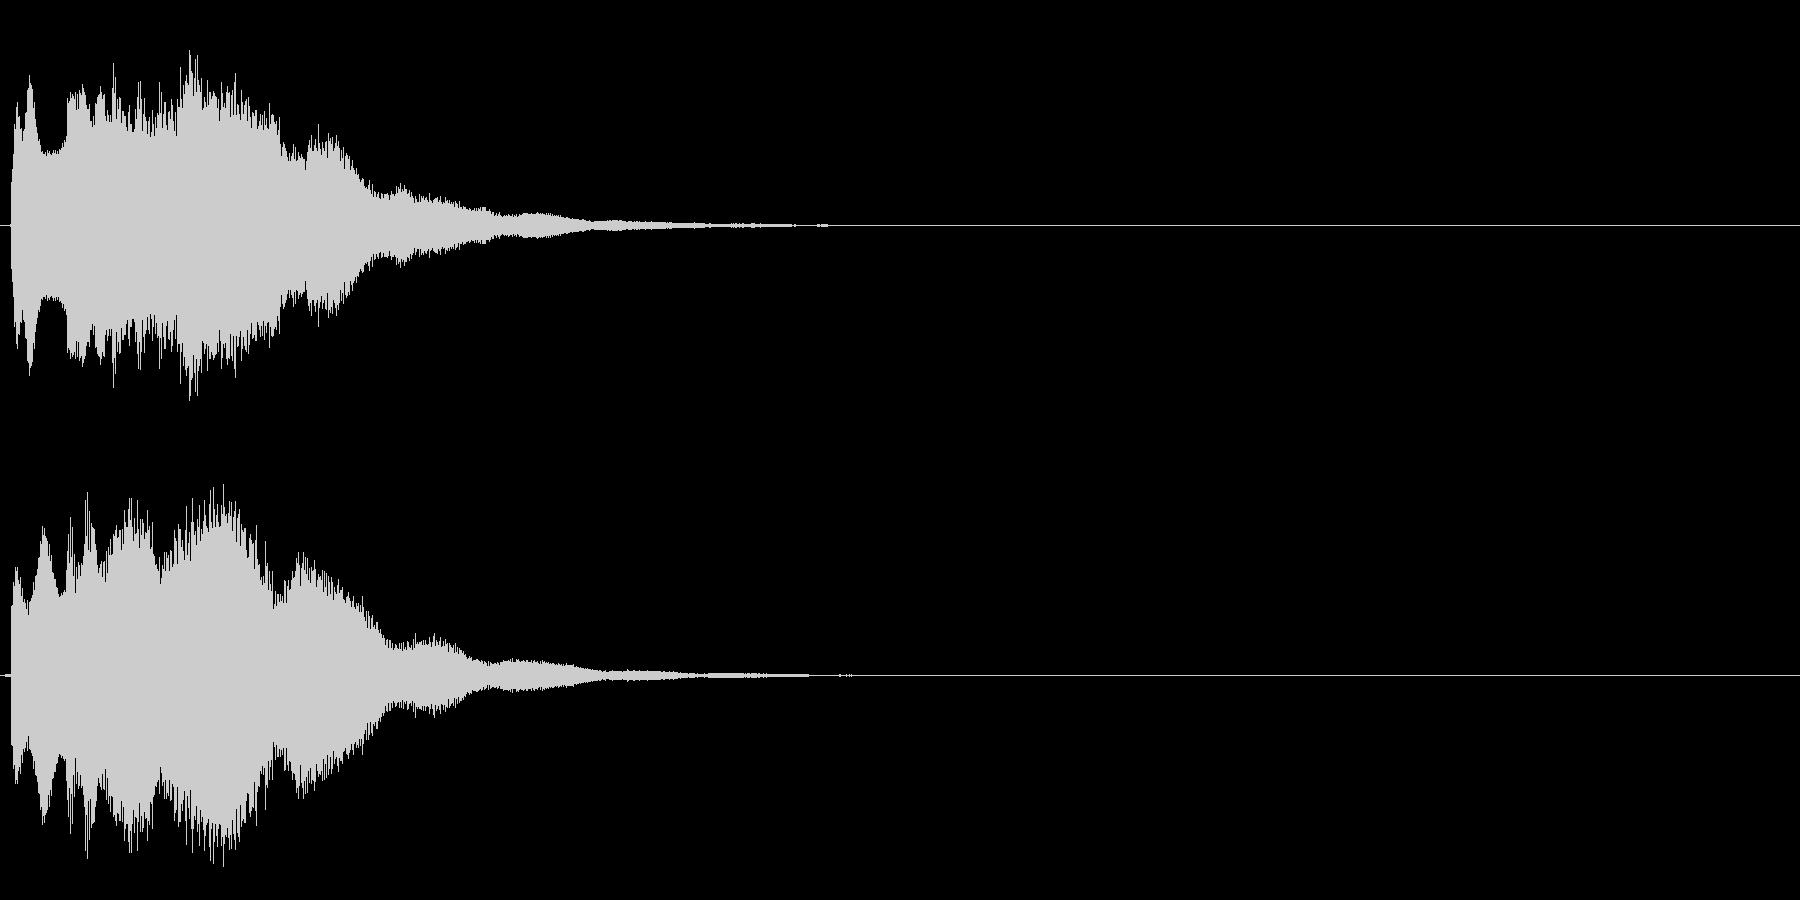 キラキラーン(超綺麗クリスタルな効果音)の未再生の波形